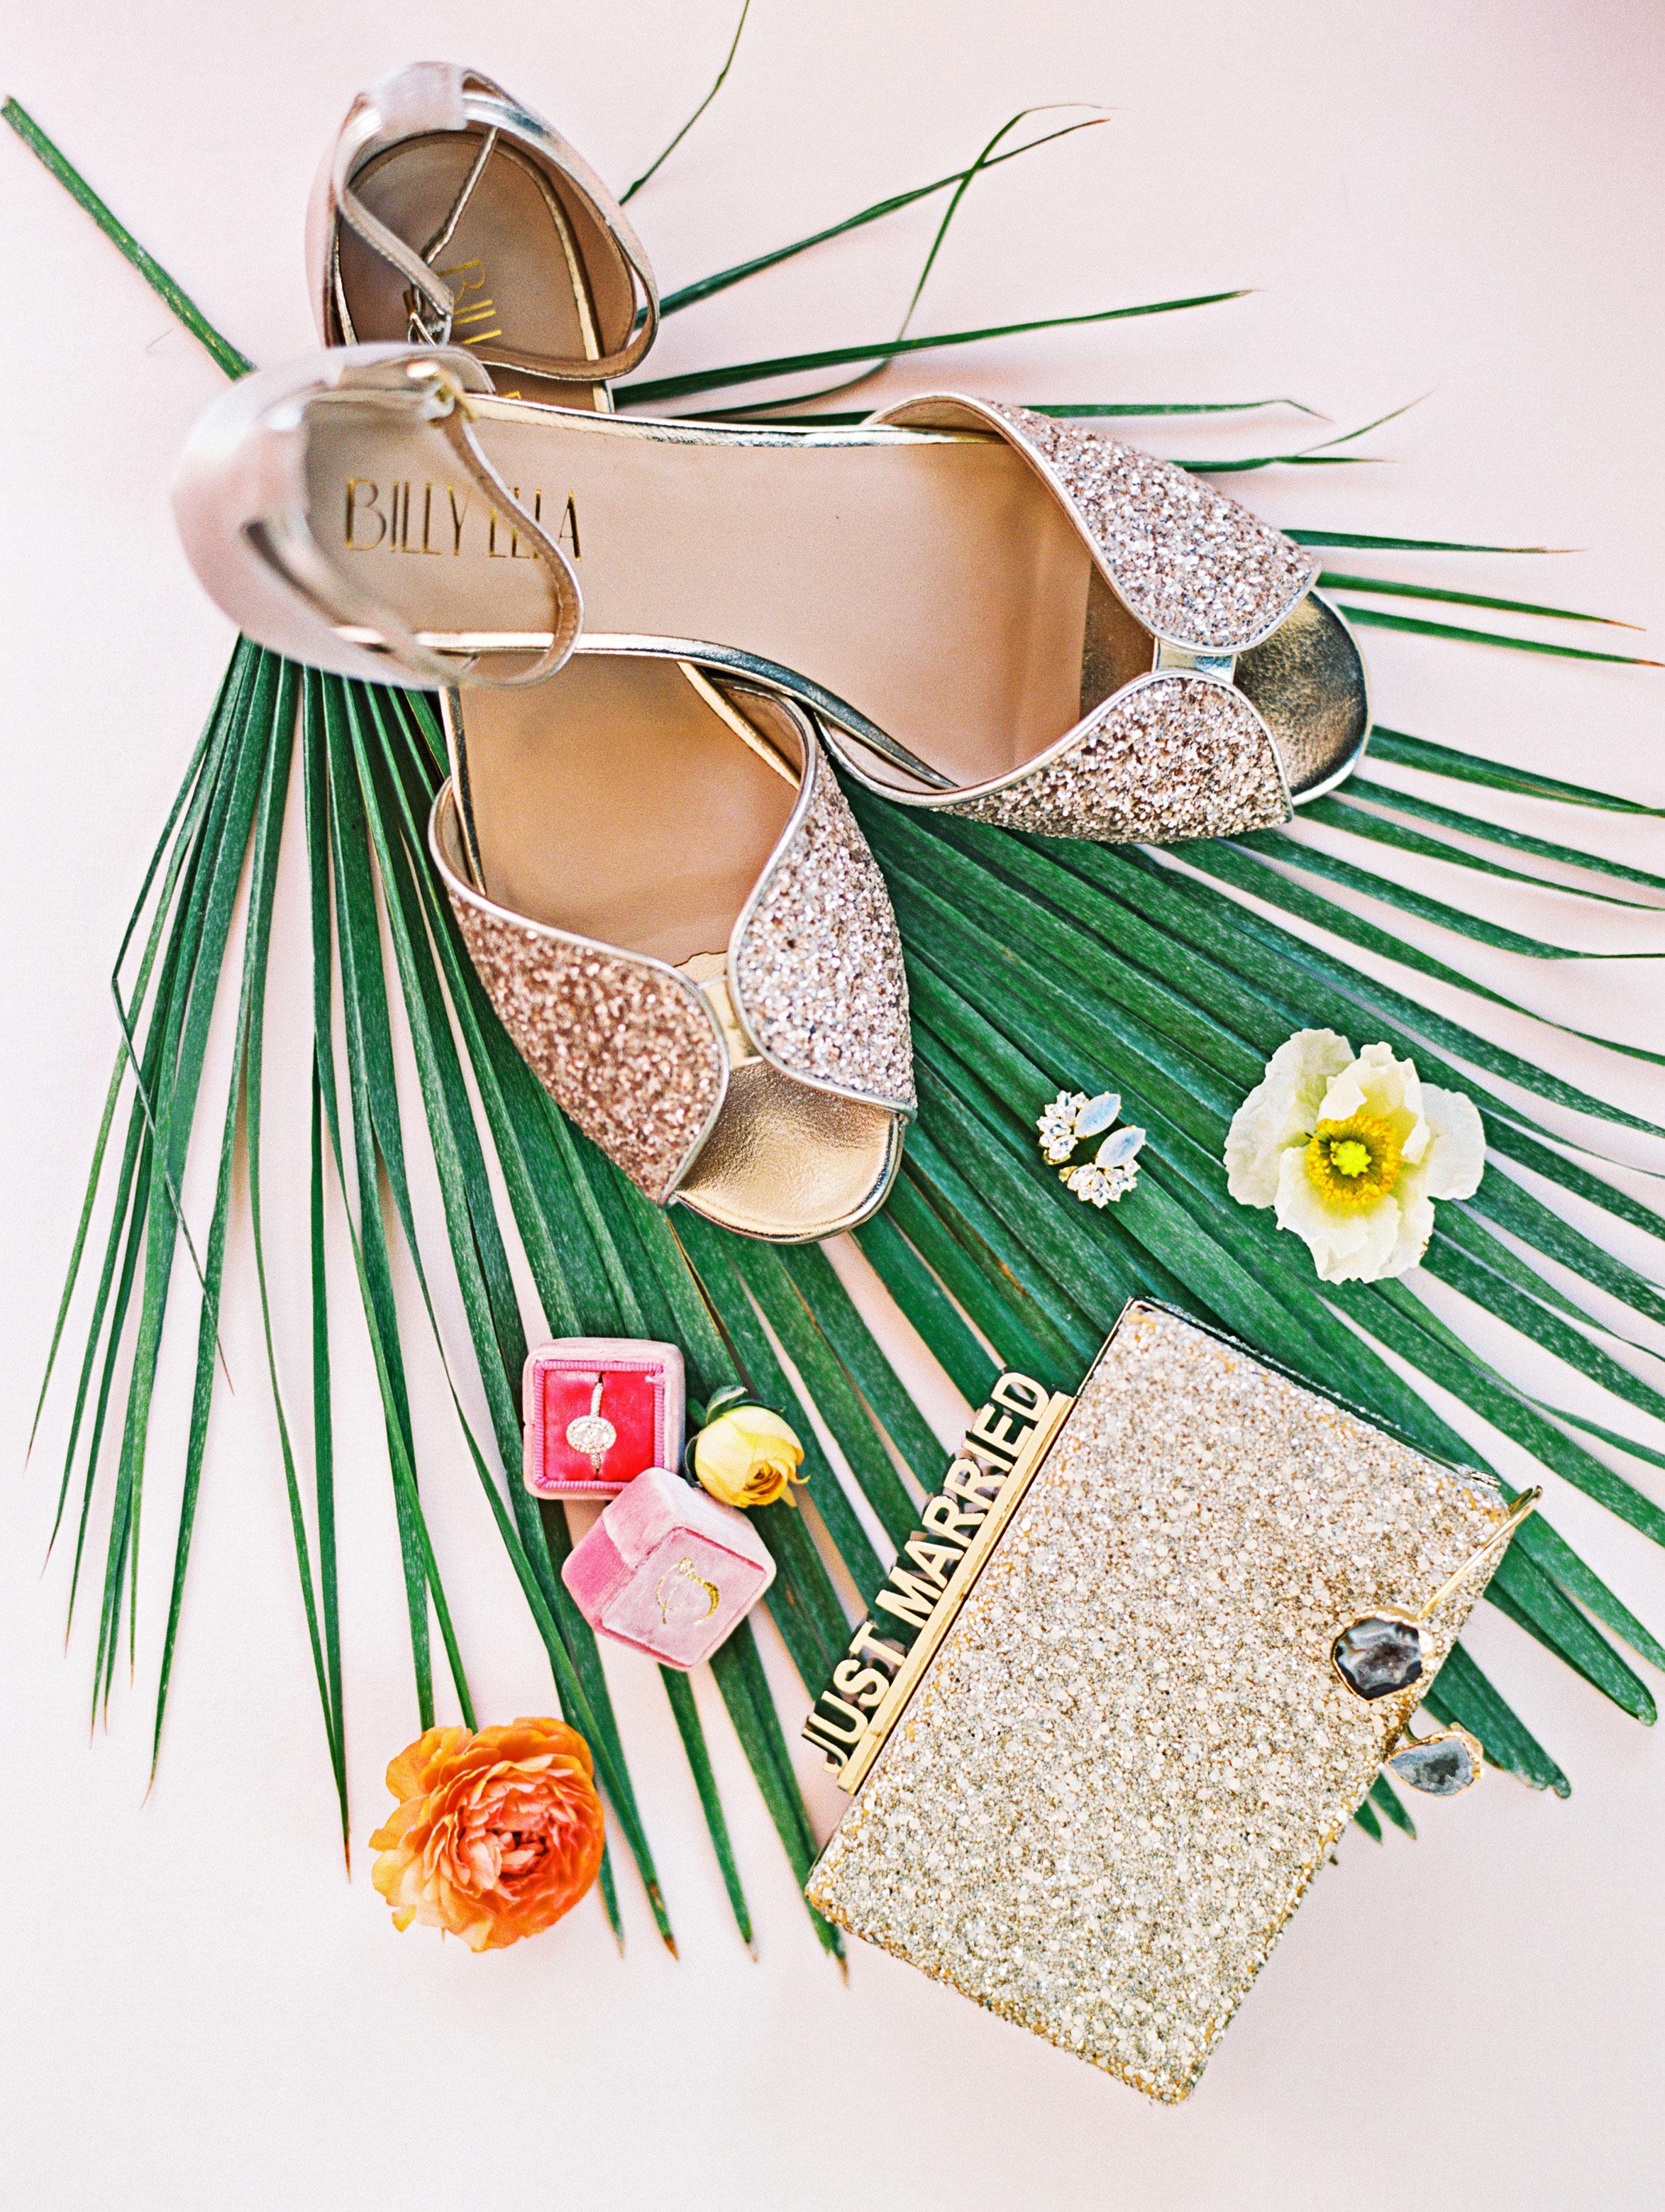 stephanie jared wedding accessories